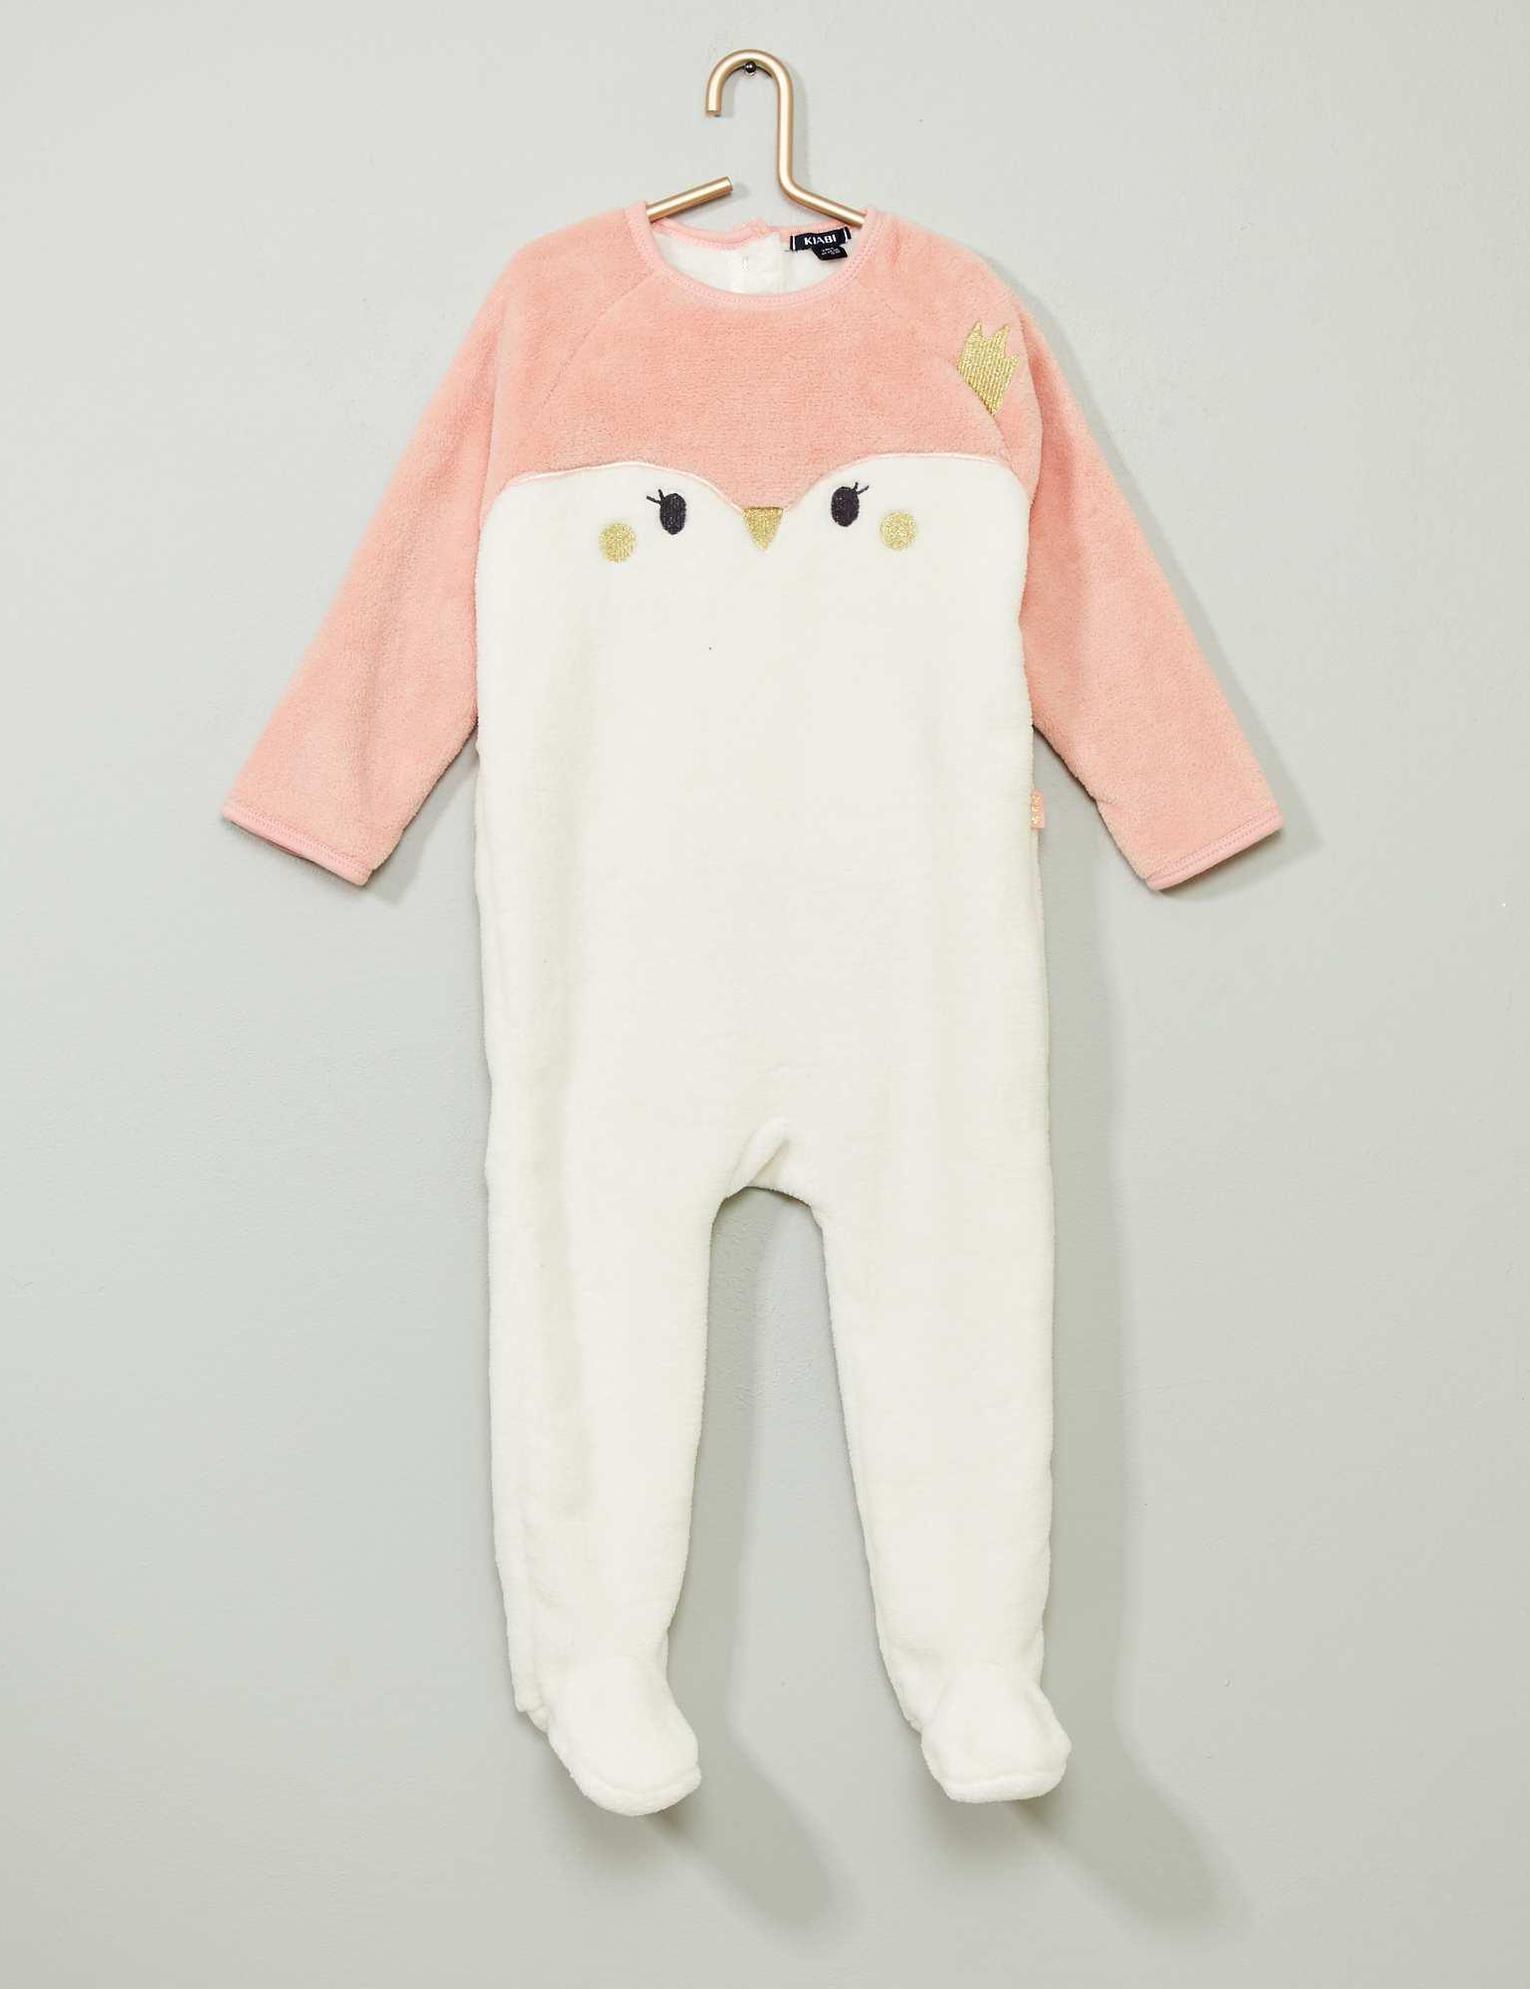 Buy Warm fleece sleepsuit Online in Dubai & Abu Dhabi  Kiabi UAE